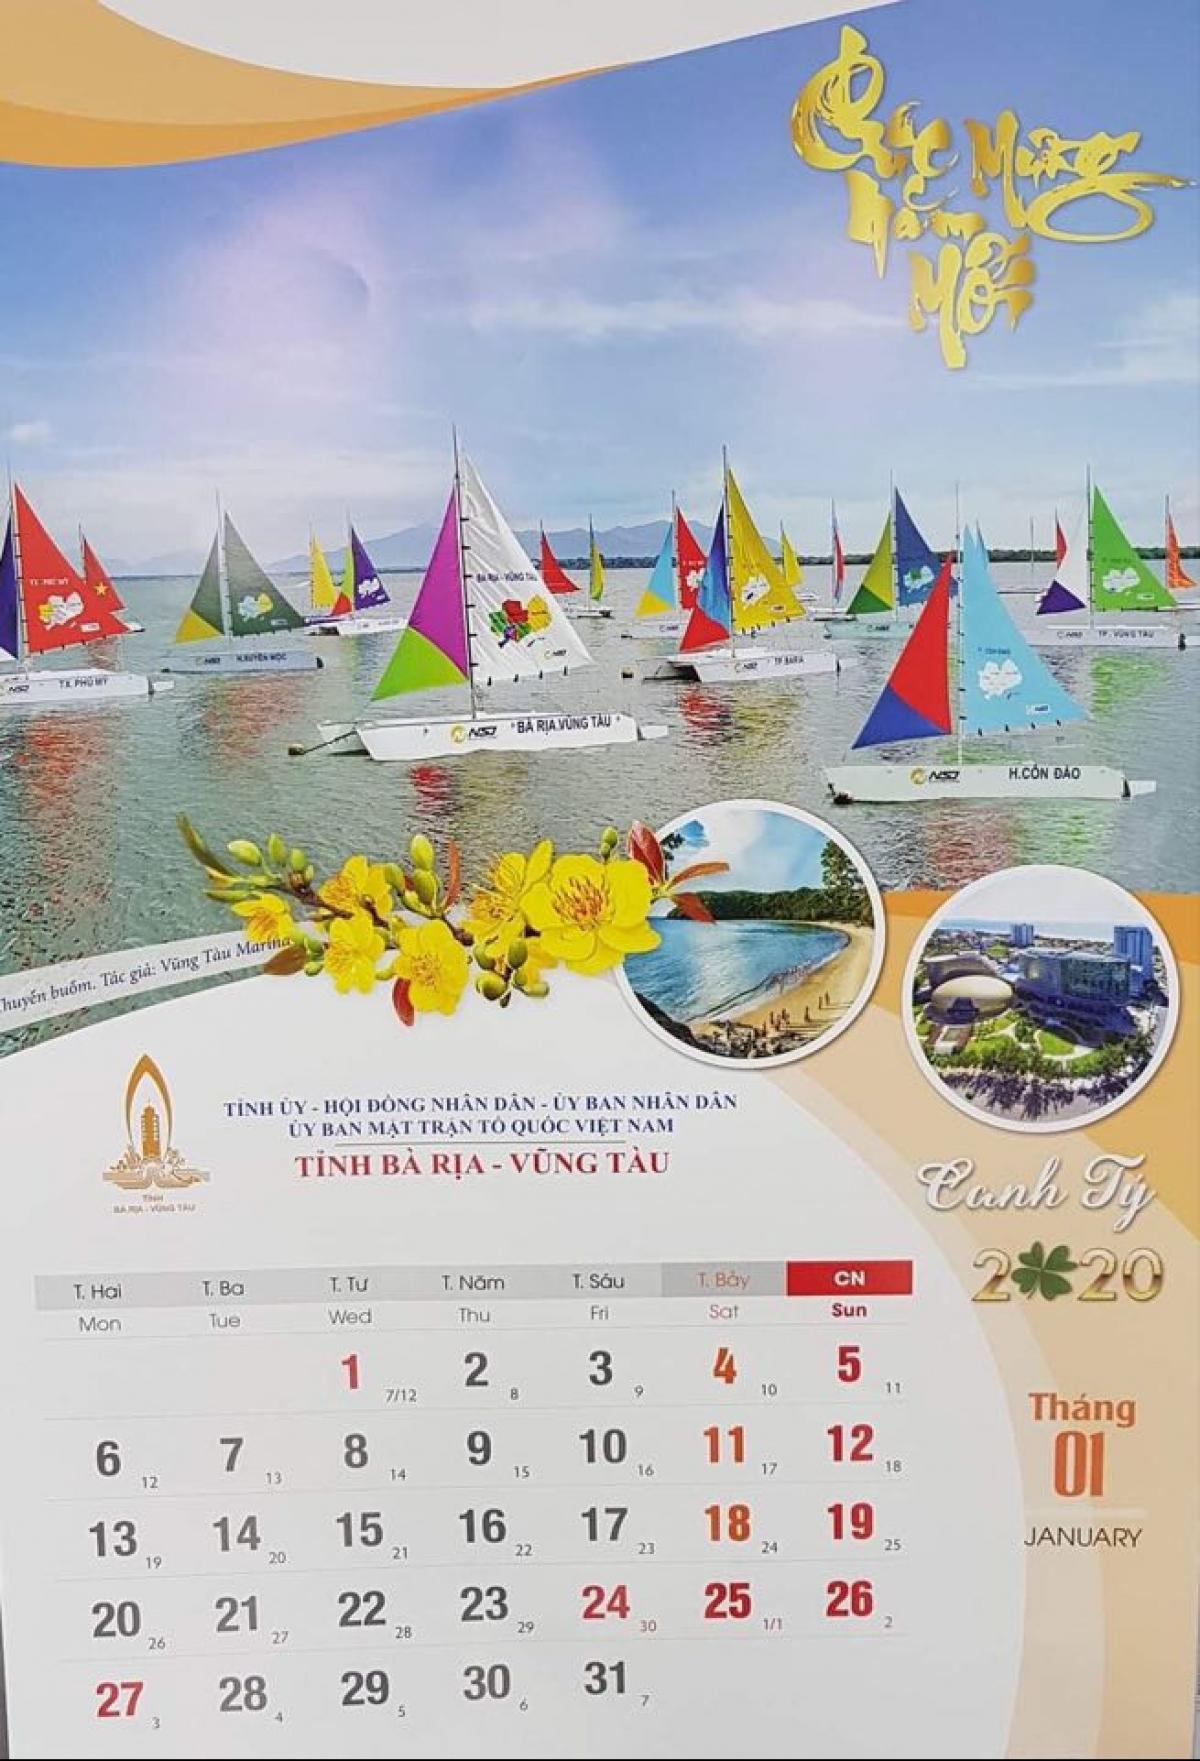 Hình ảnh vịnh Marina được in lịch của tỉnh Bà Rịa - Vũng Tàu năm 2020